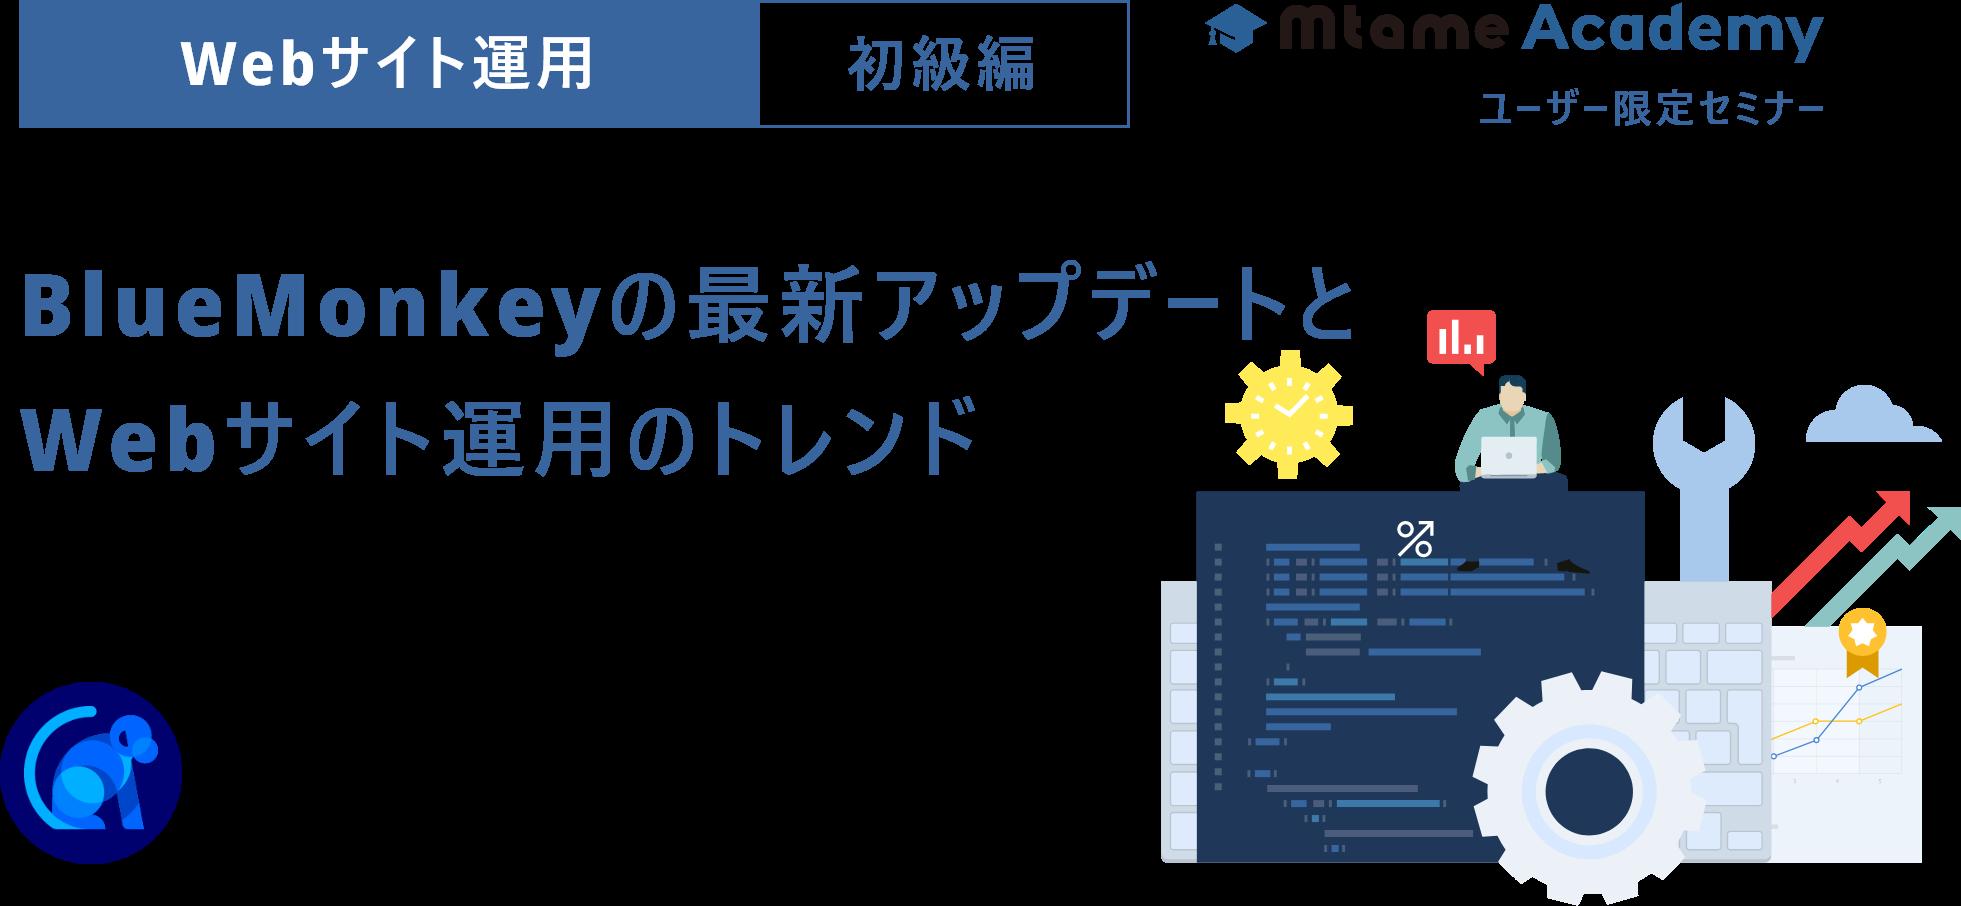 【申し込みは締め切りました】 BlueMonkeyの機能アップデートのまとめとWeb運用のトレンドについて